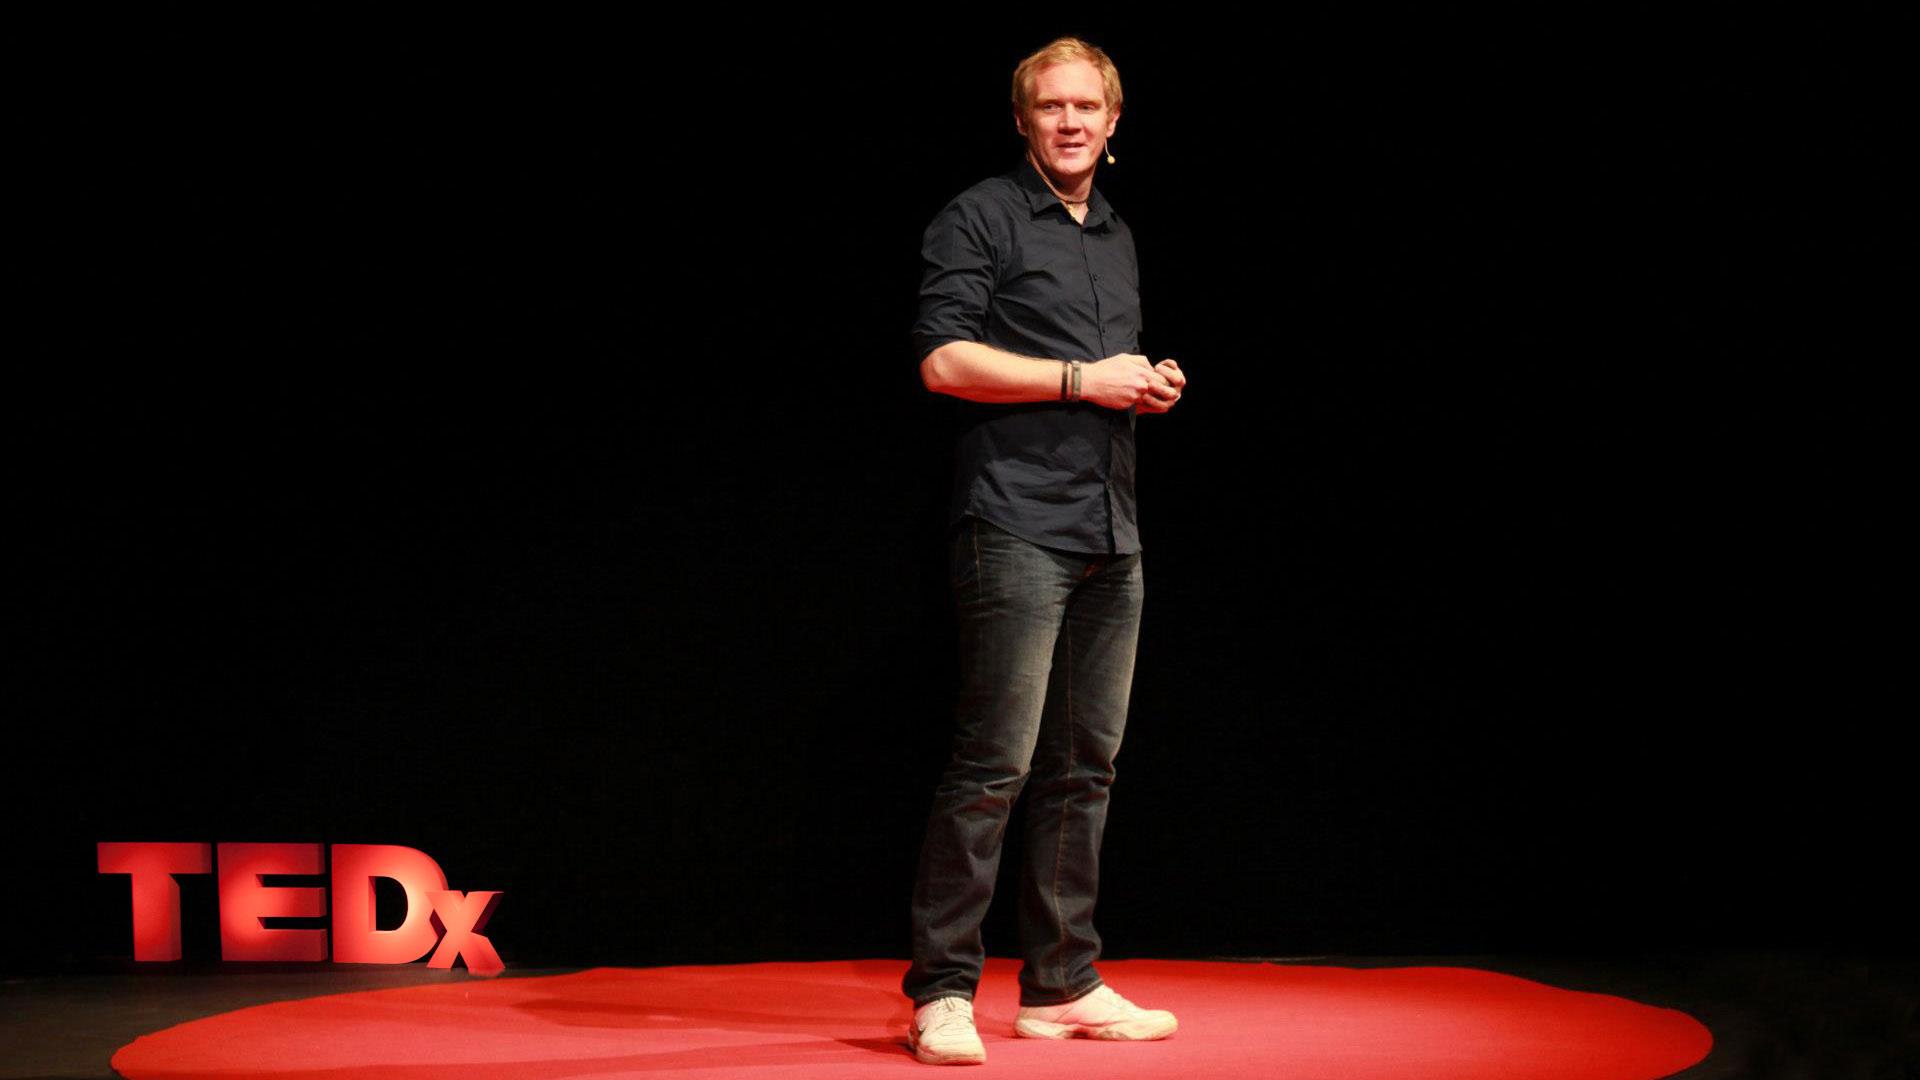 Leonid Bugaev Леонид Бугаев выступления TEDx мобильность